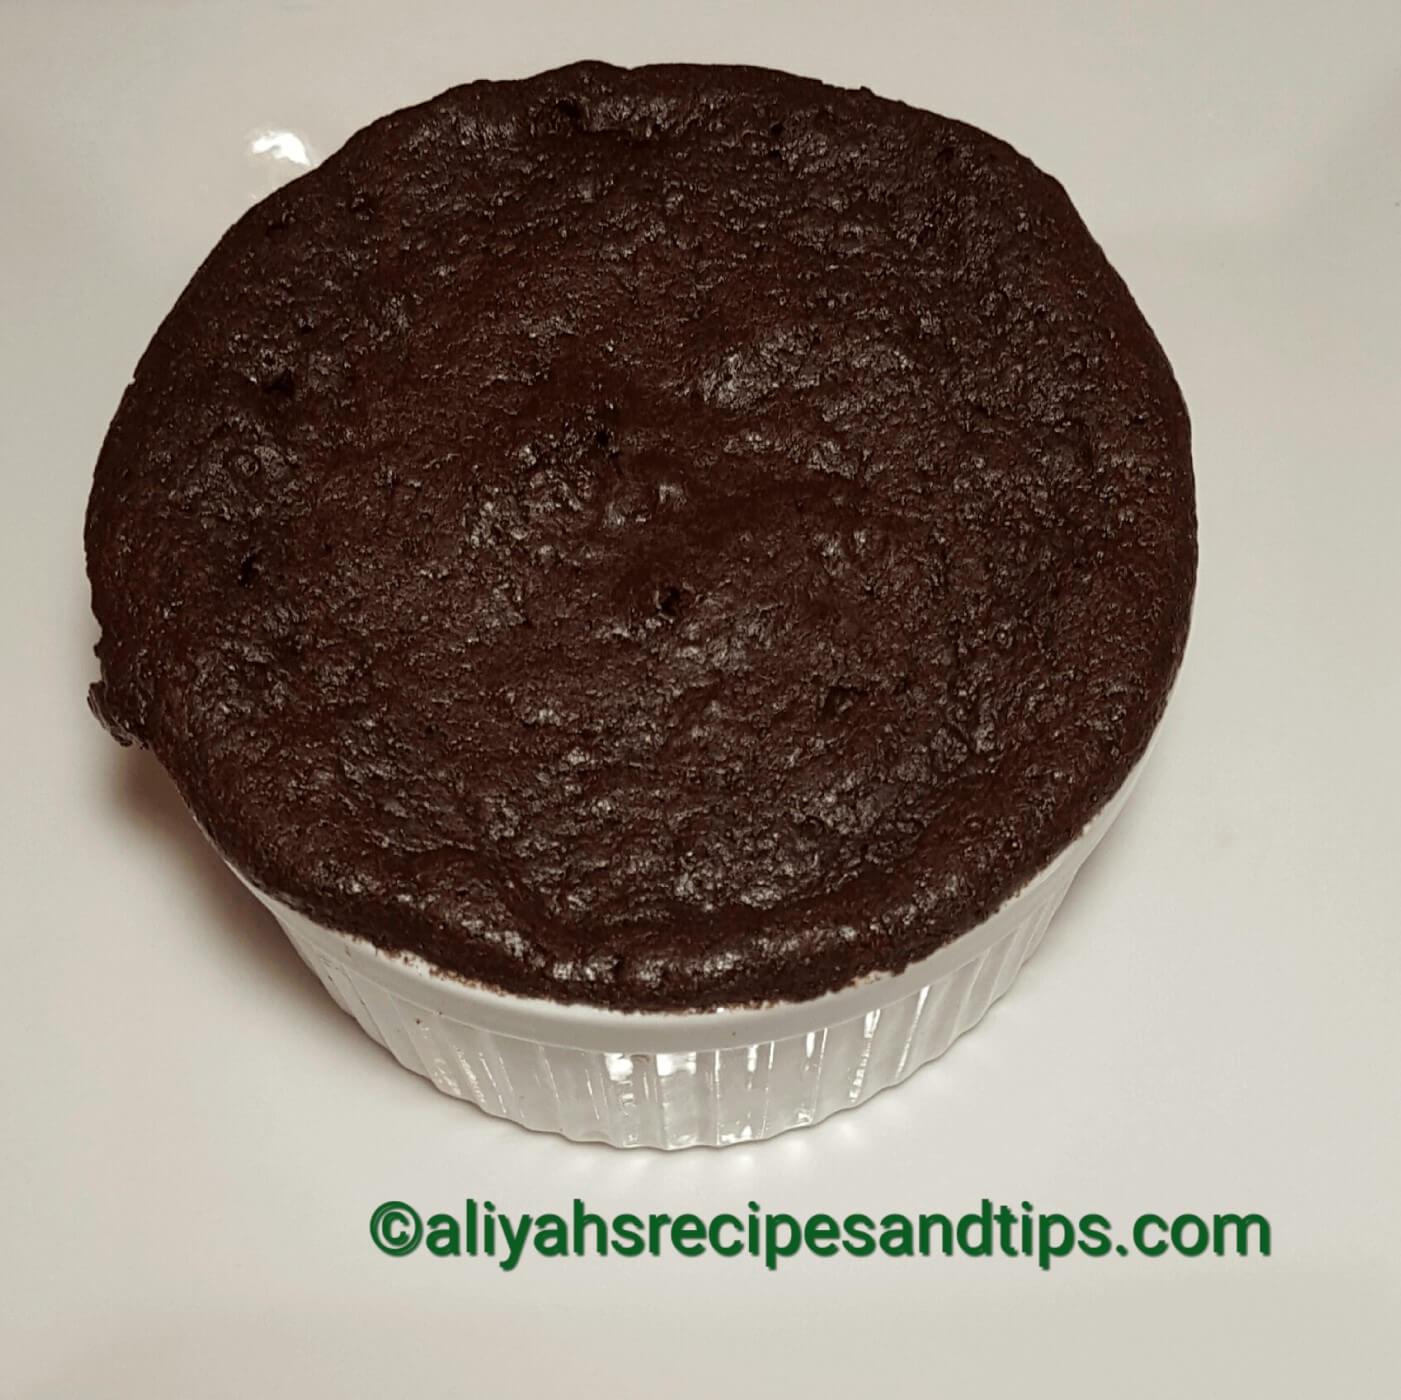 Microwave chocolate cake, mug cake, chocolate microwave cake, mug cake